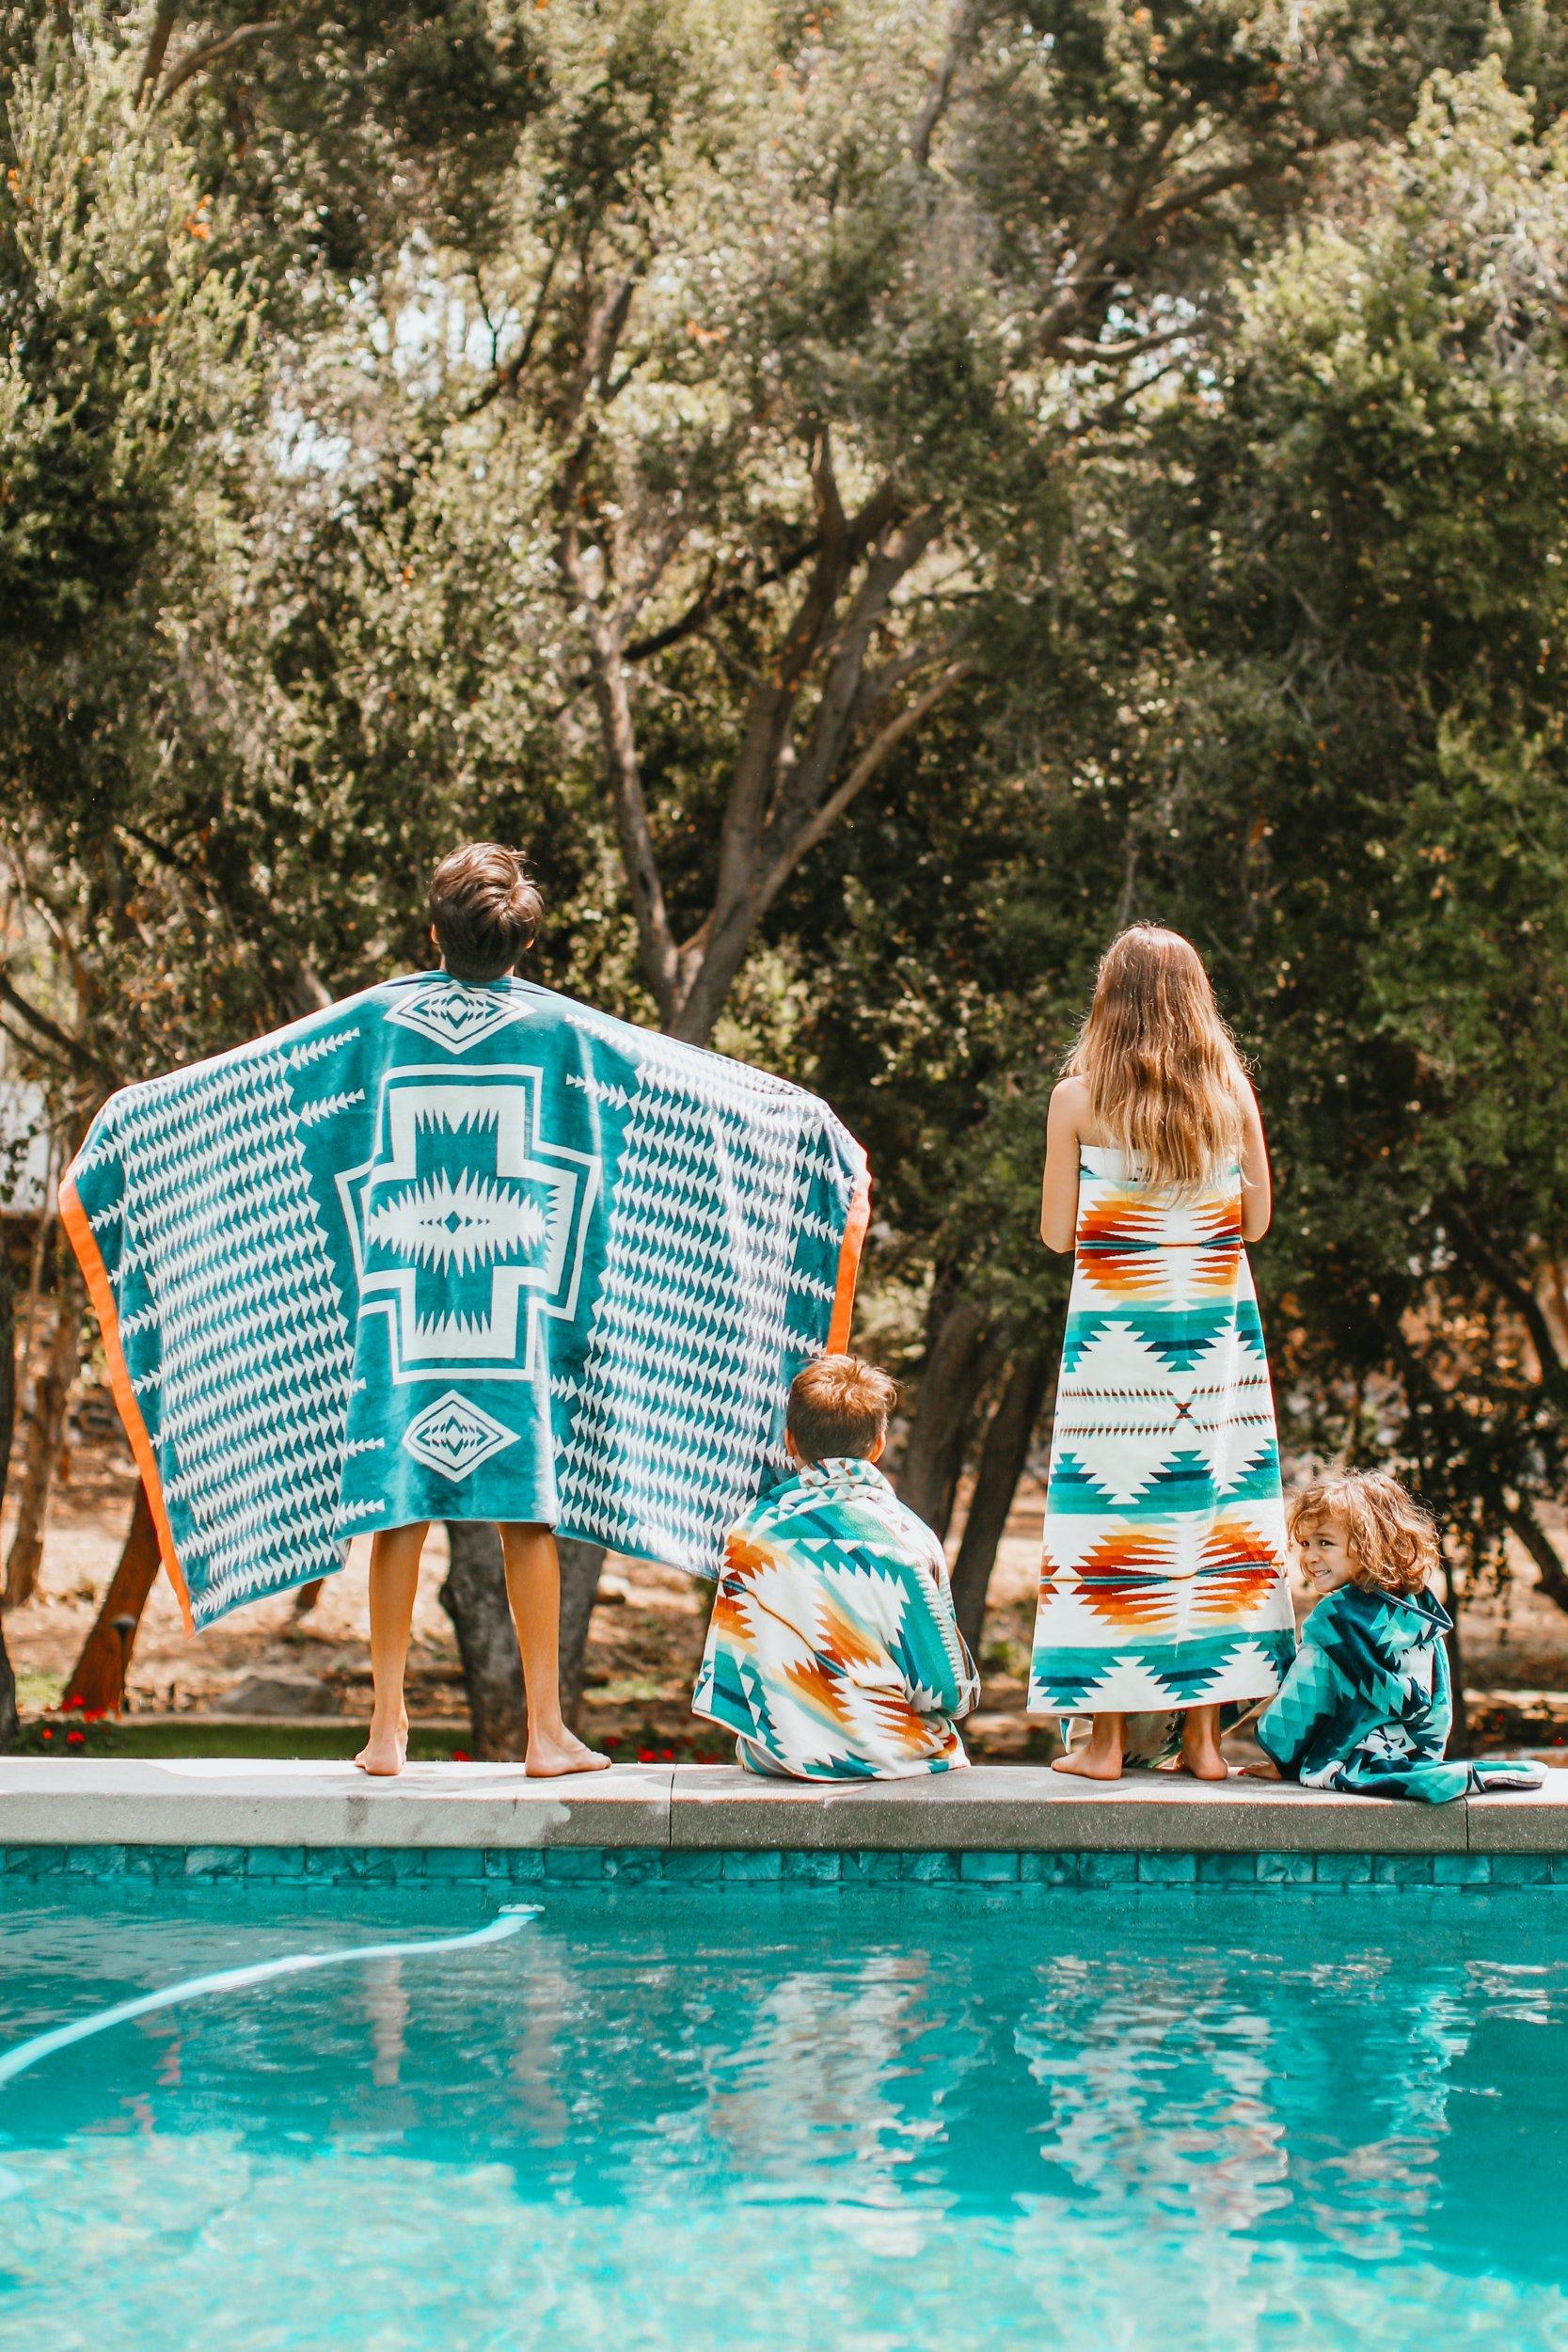 kids in towels by pool